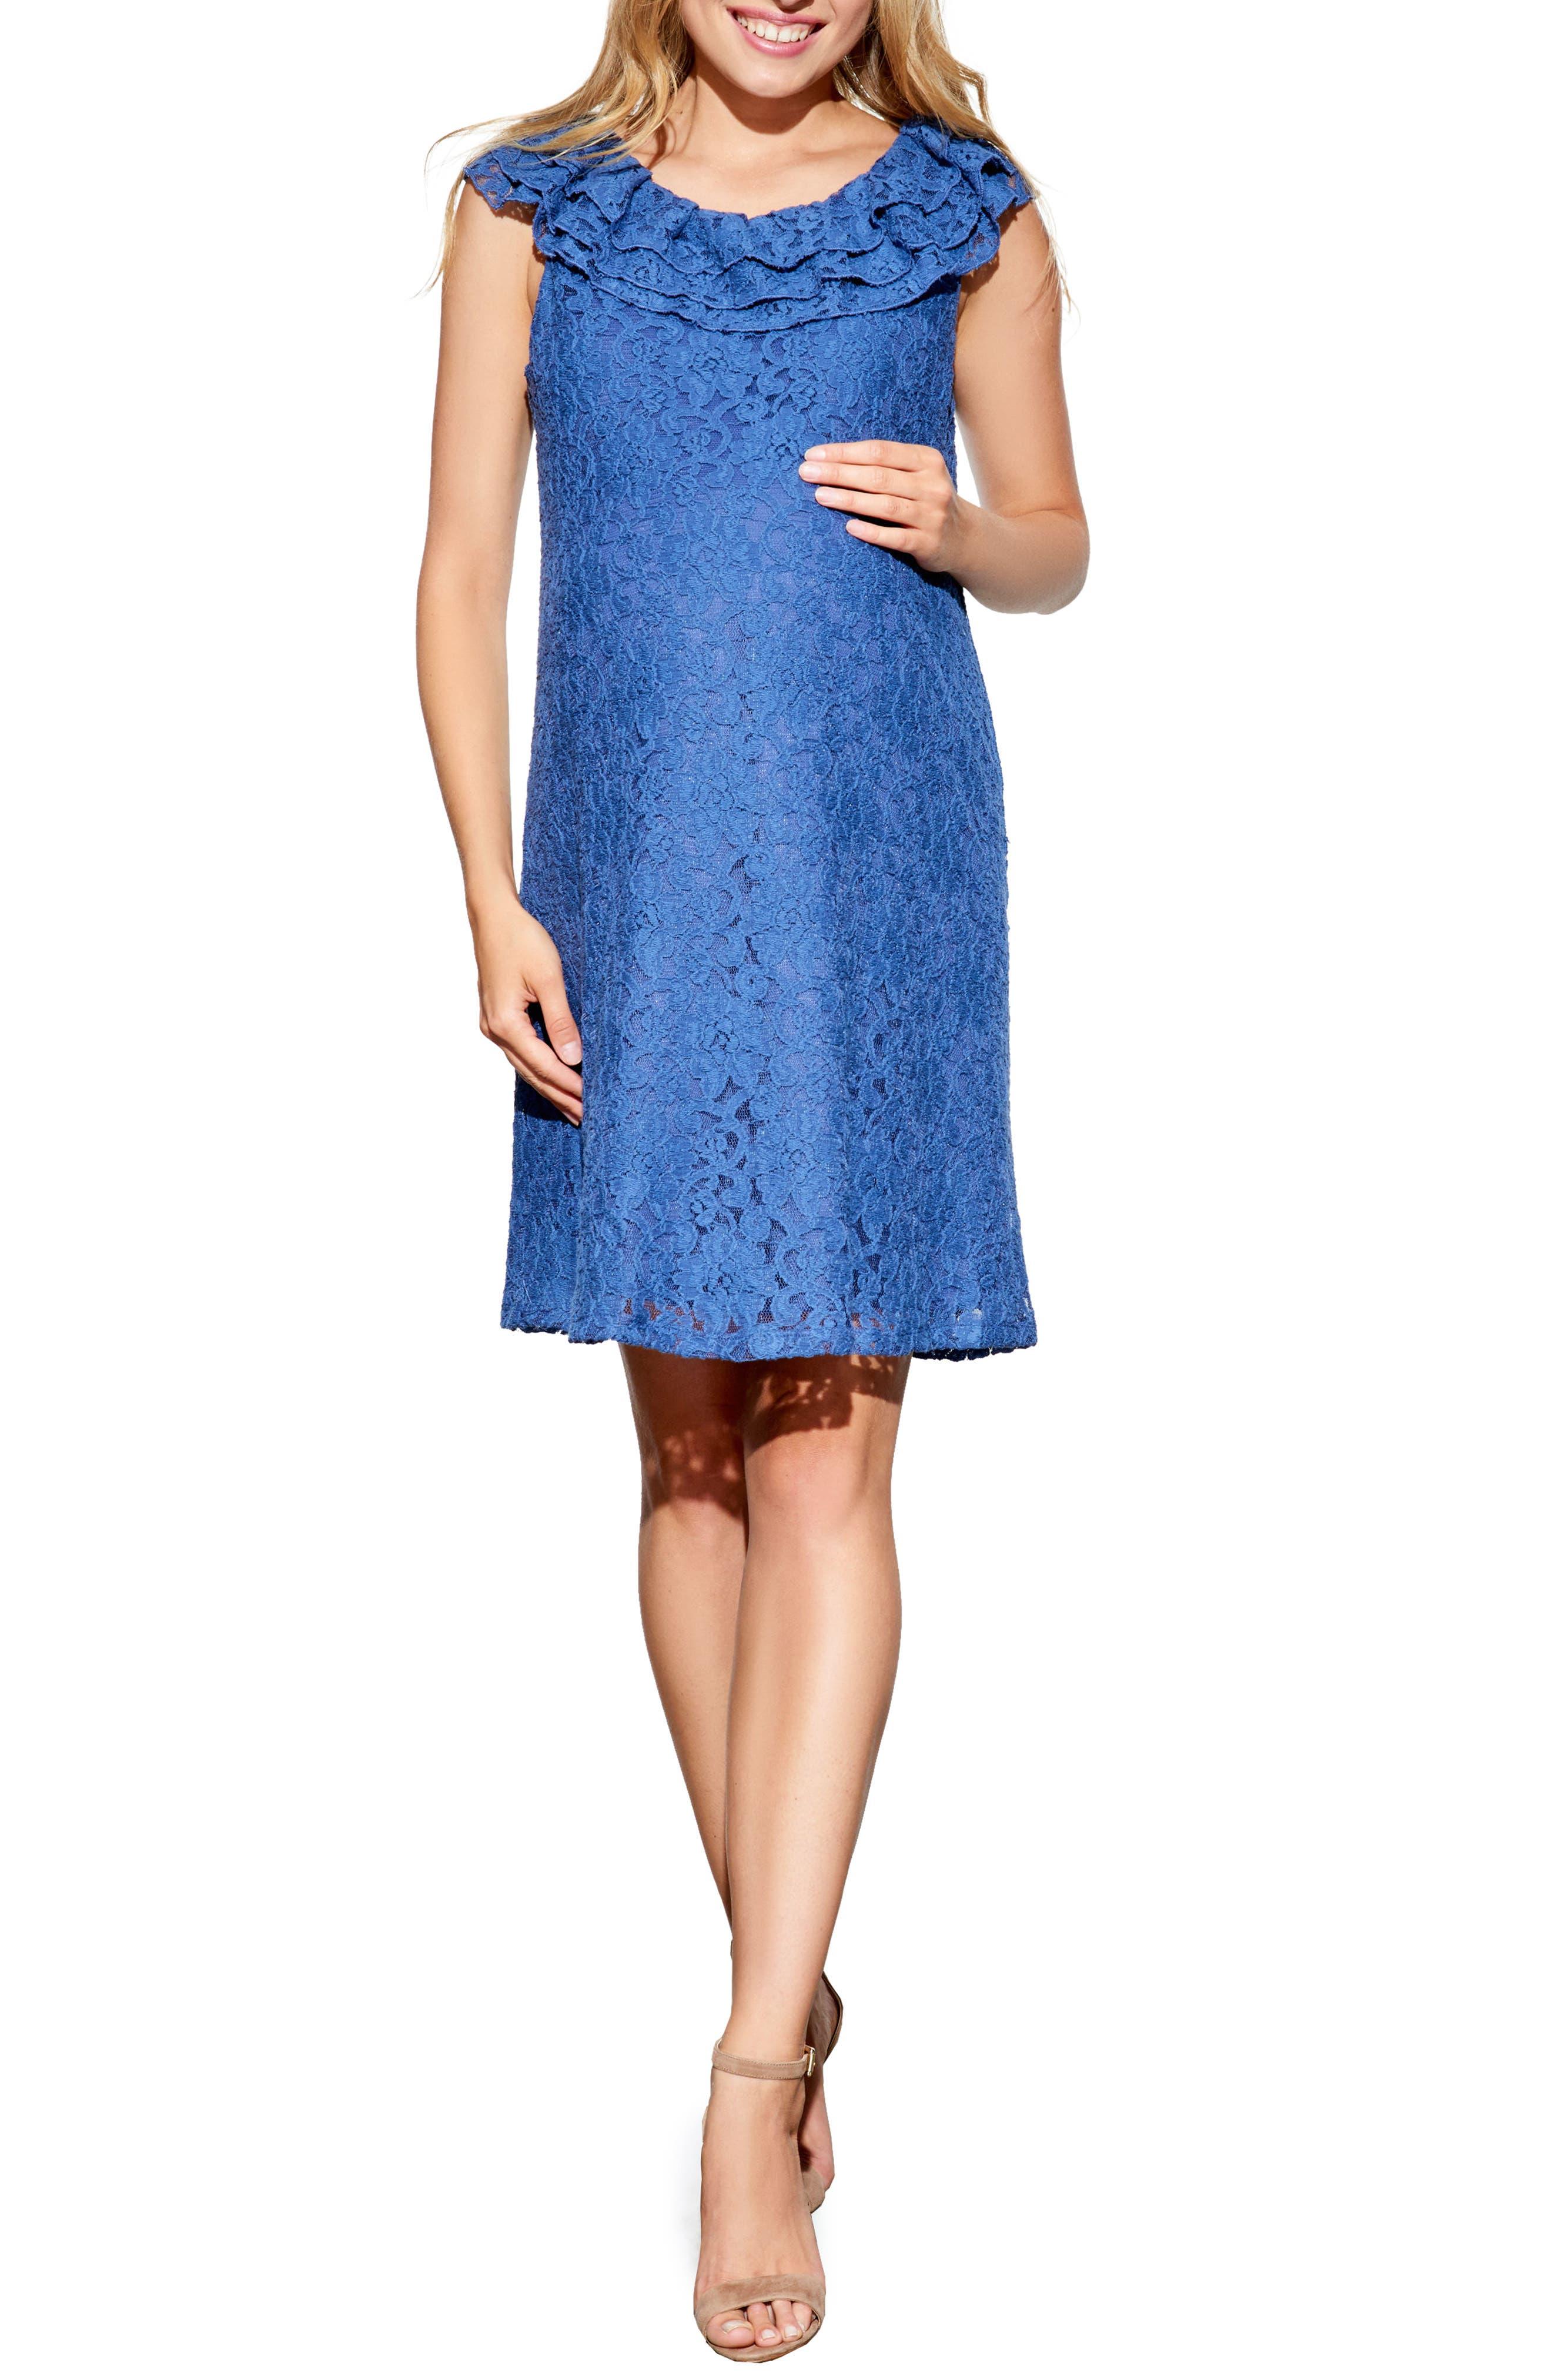 Ruffled Maternity Dress,                             Main thumbnail 1, color,                             BLUE